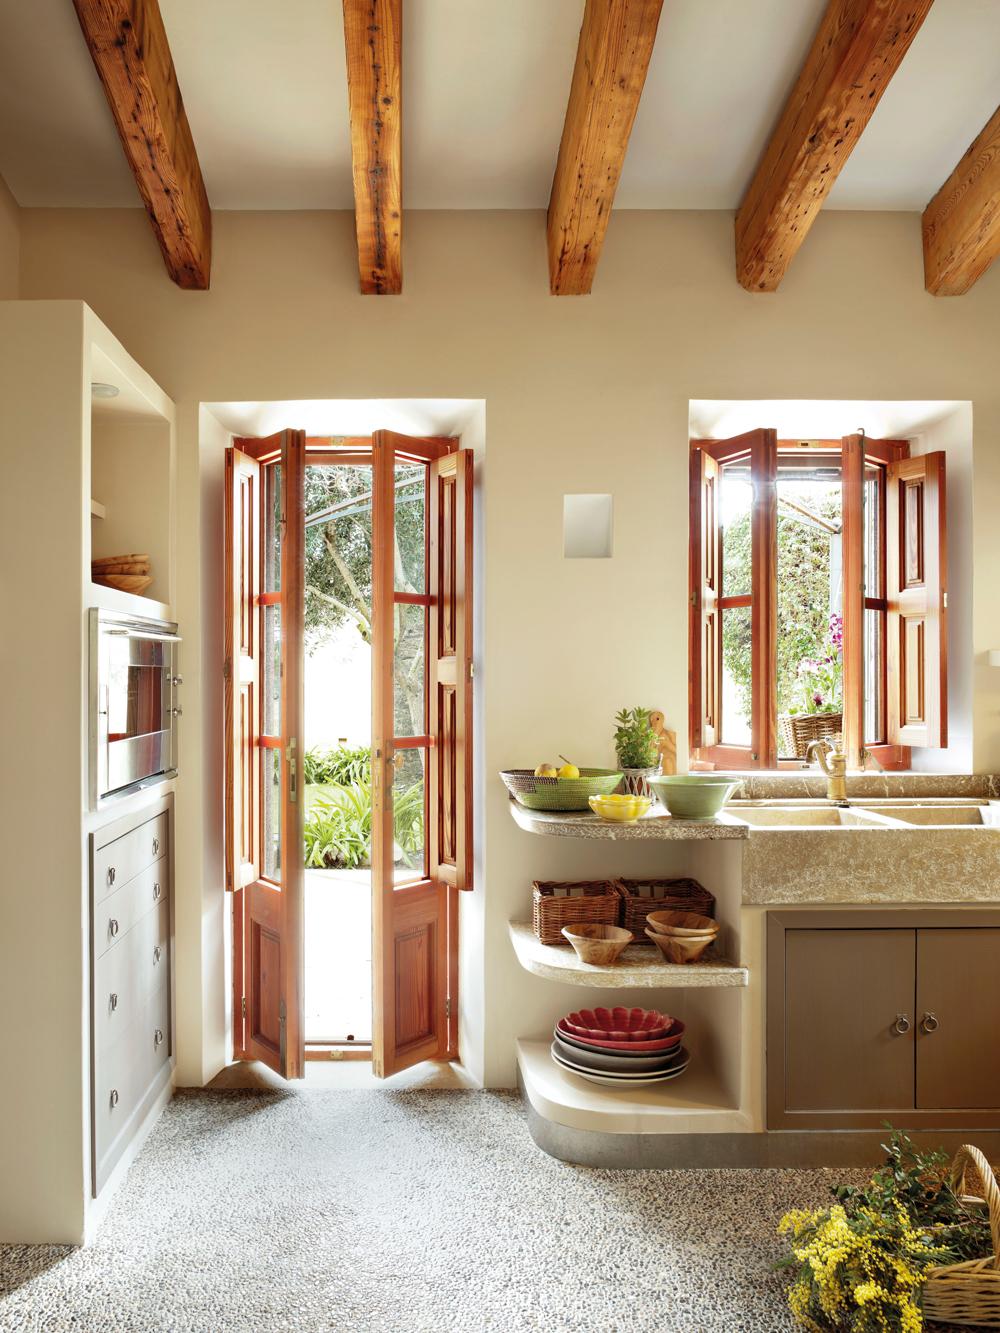 Qu es la decoraci n wabi sabi - Muebles de cocina de obra ...